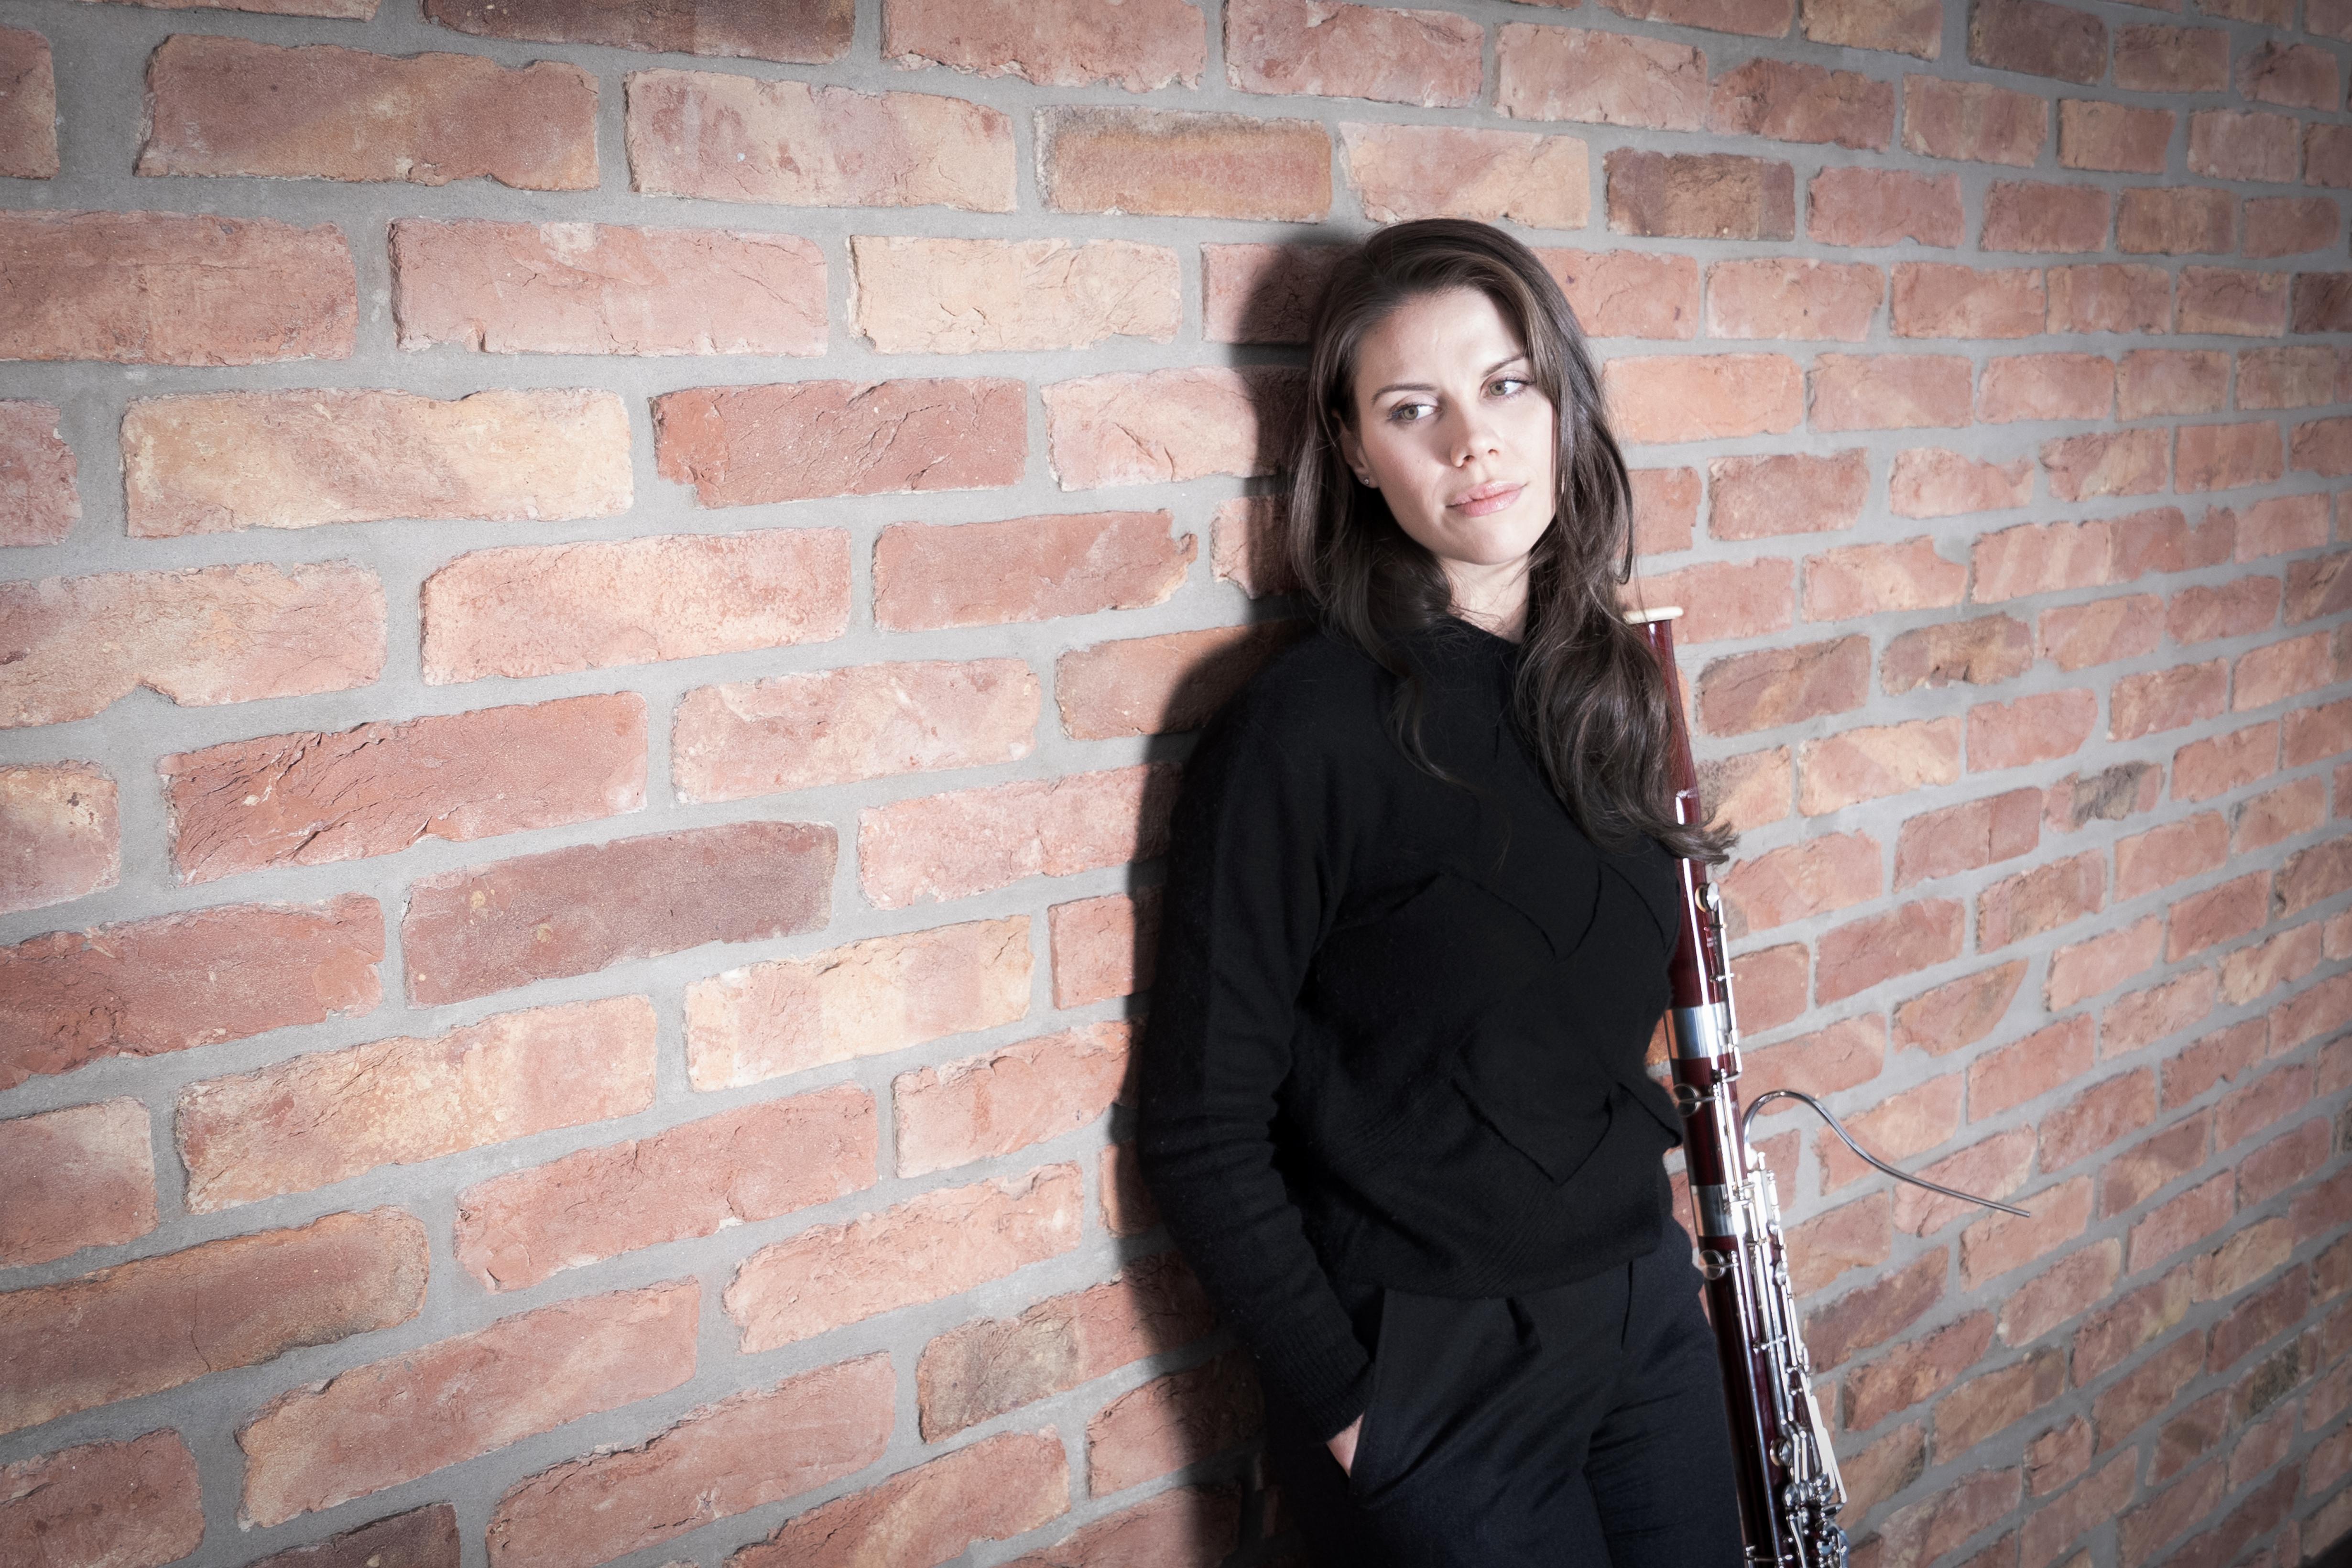 Kaitlyn Cameron, klädd i svarta kläder, lutar sig mot en tegelvägg.